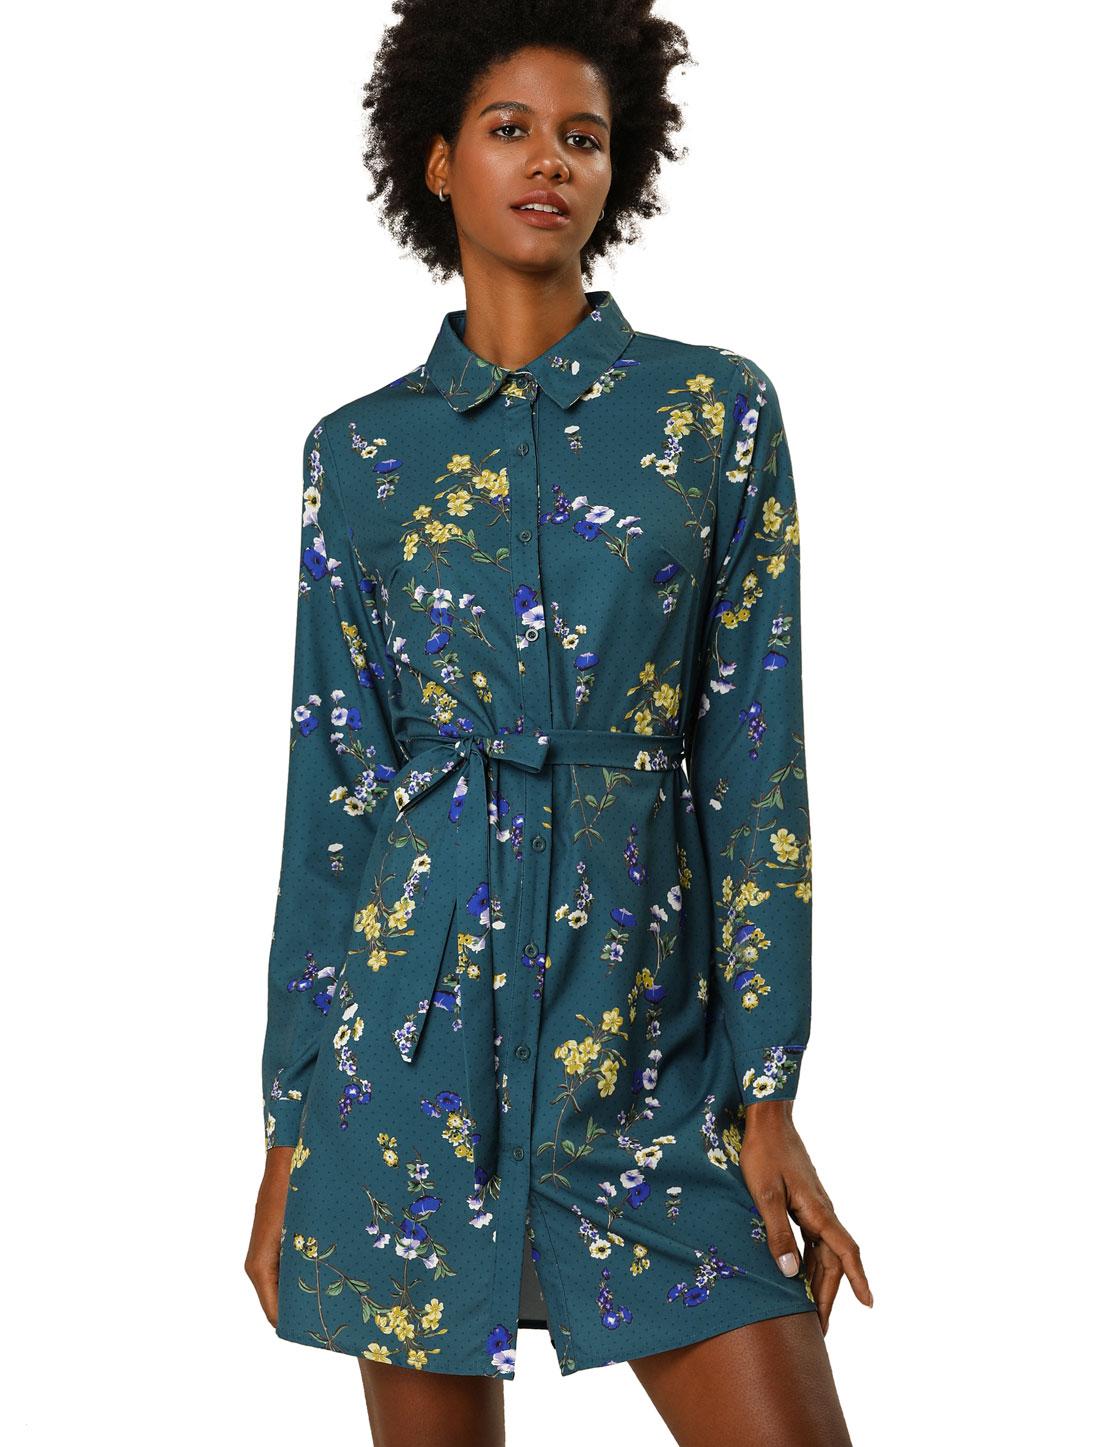 Allegra K Women's Button Down Polka Dots Floral Shirt Dress Teal Blue XS